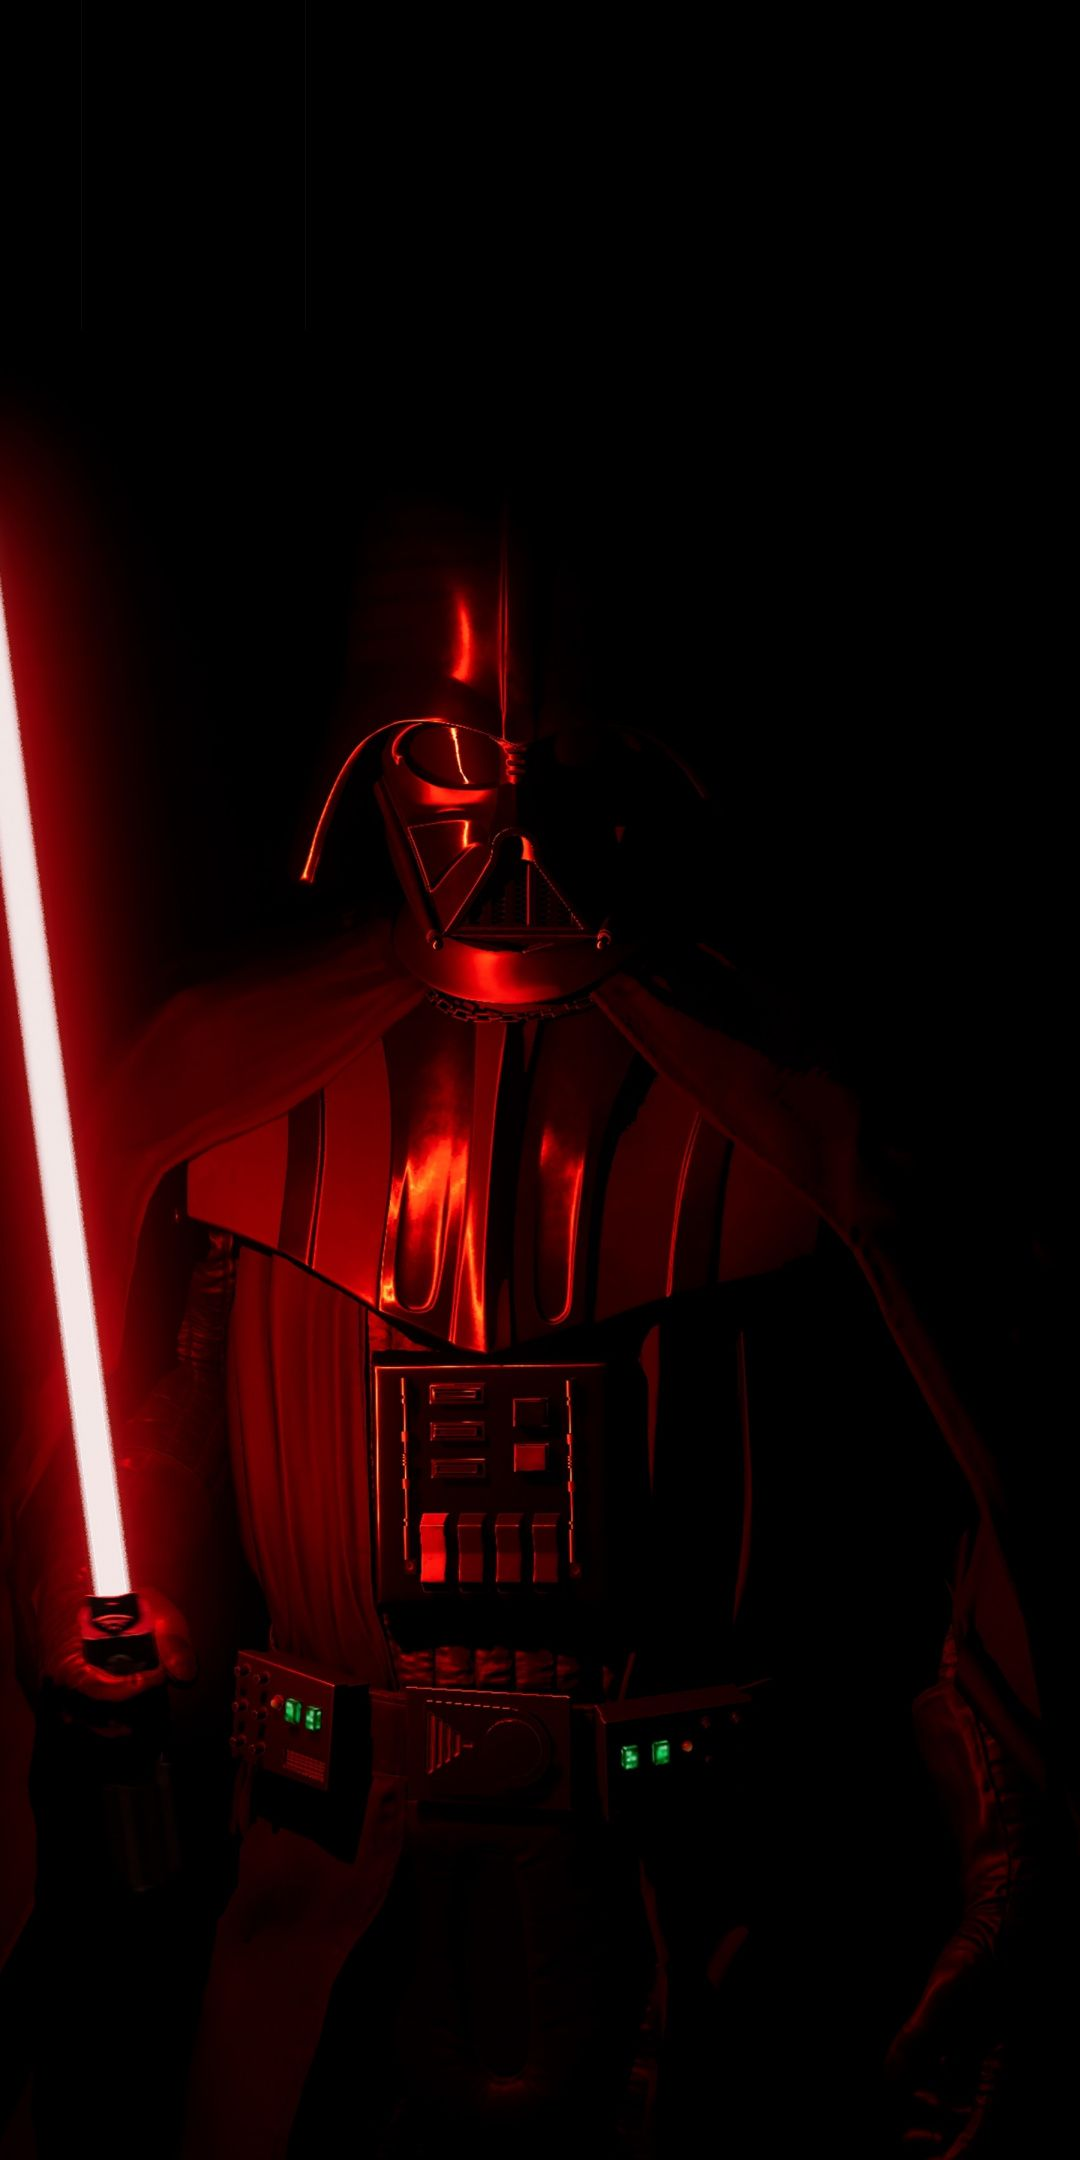 1080x2160 Darth Vader villain dark 2019 wallpaper Star wars 1080x2160